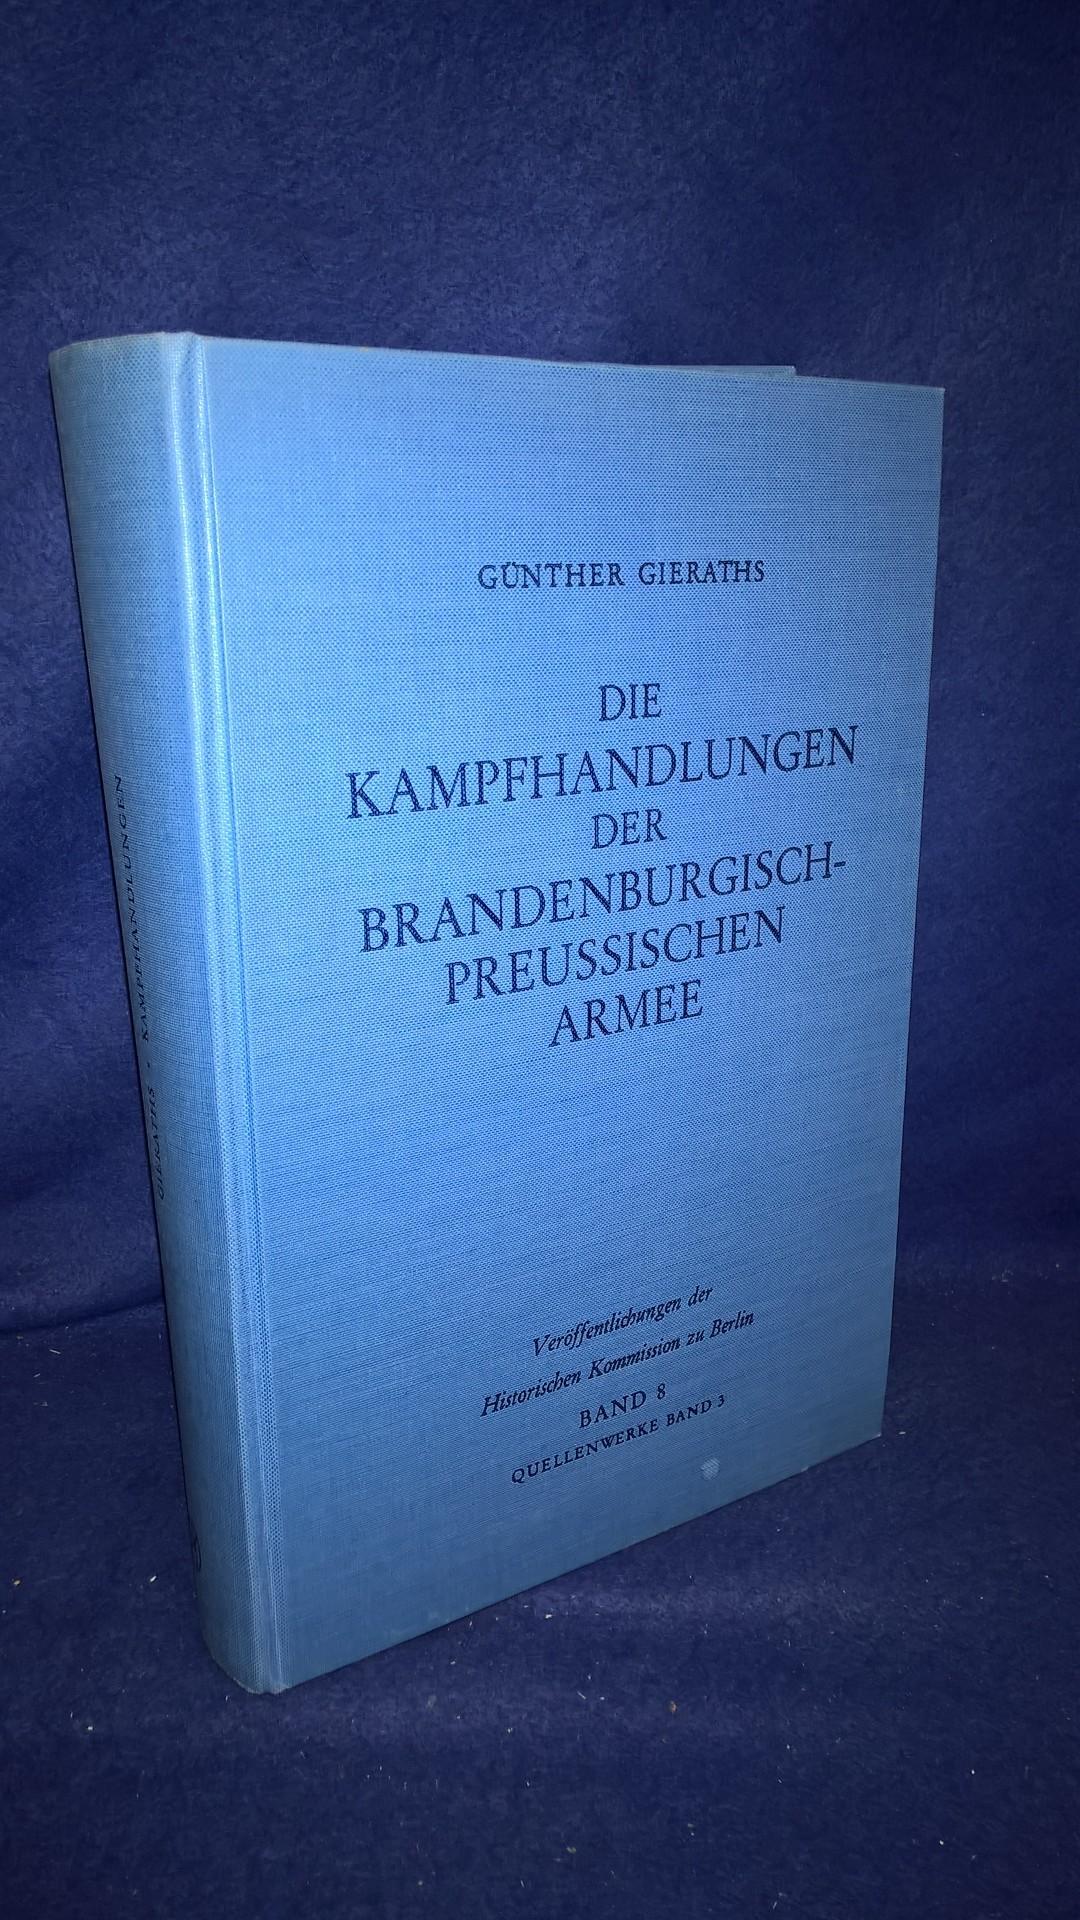 Die Kampfhandlungen der Brandenburgisch-Preussischen Armee 1626-1807. Ein Quellenhandbuch